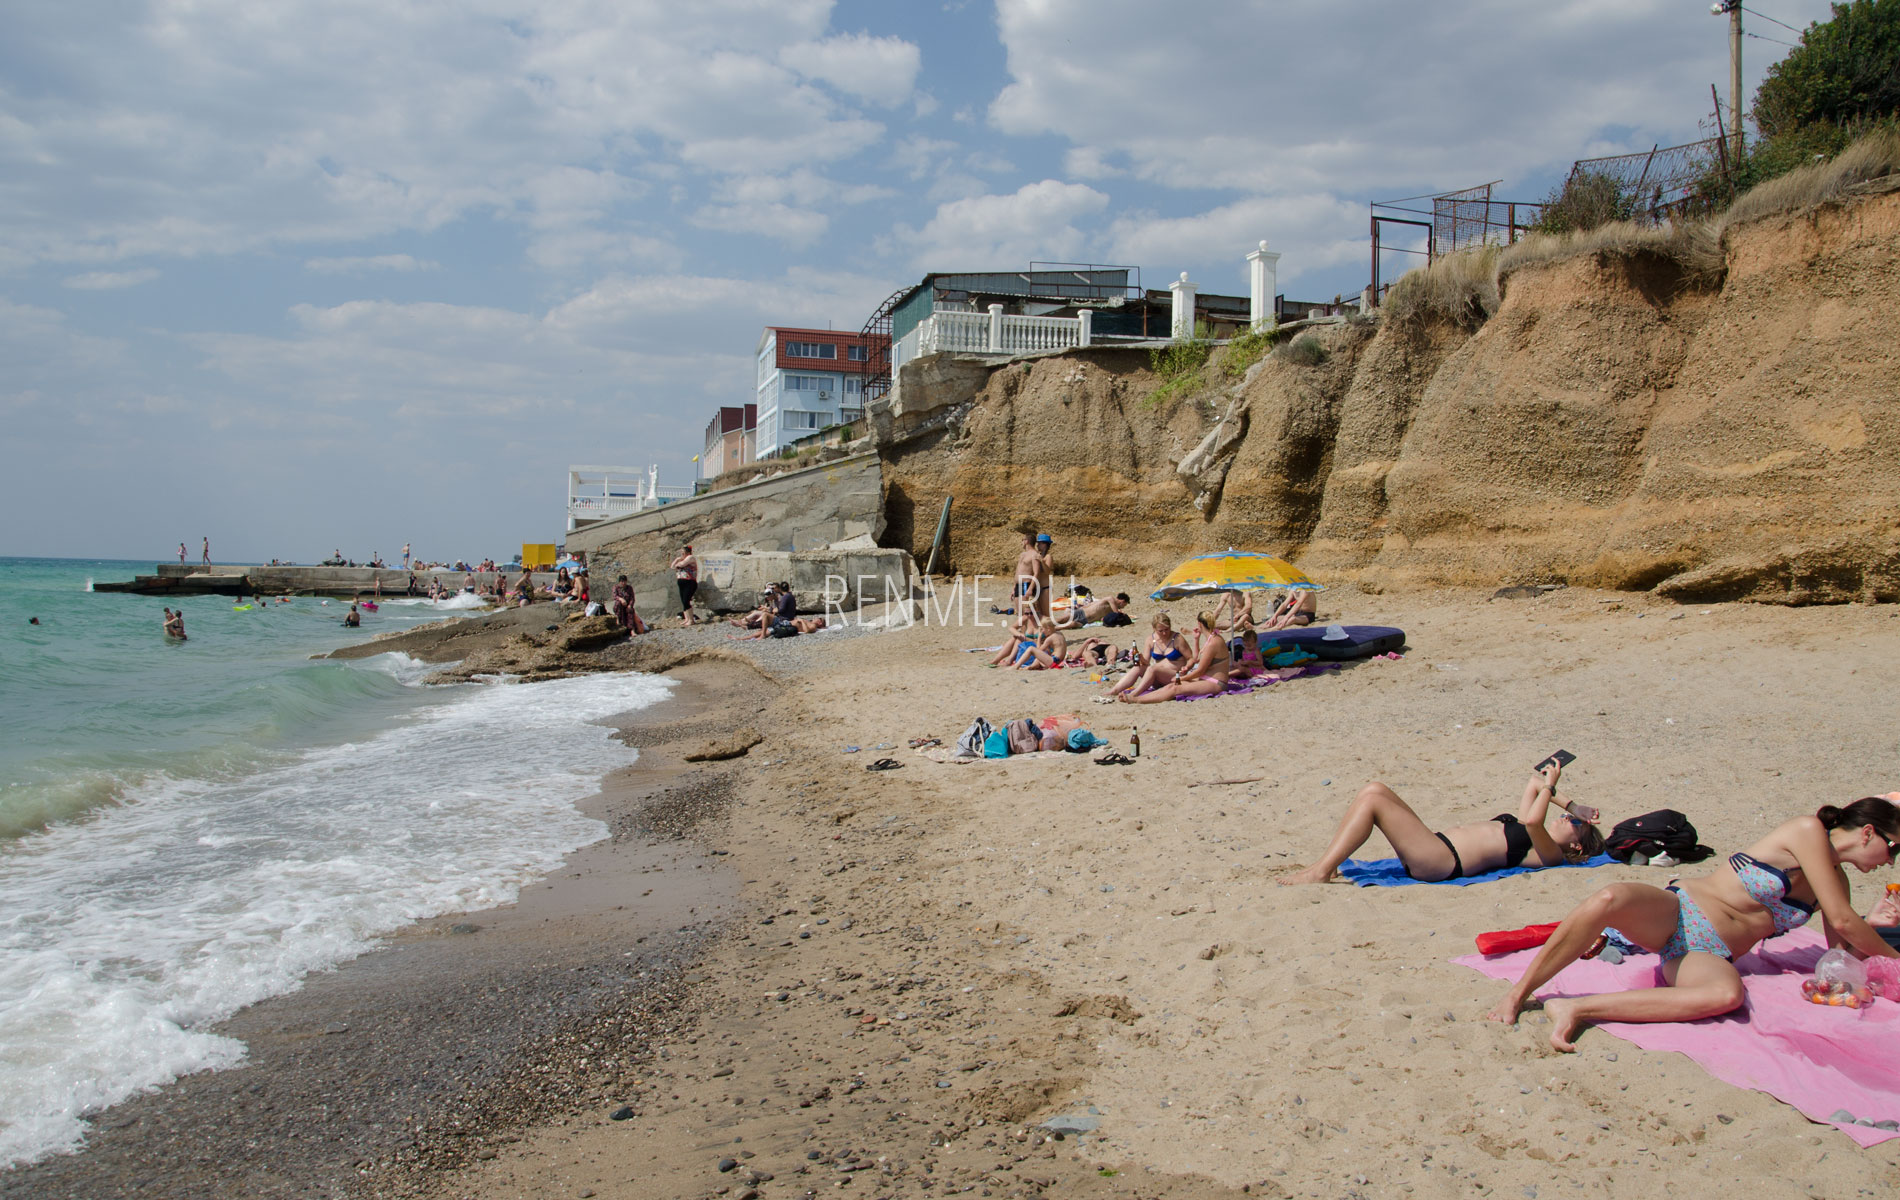 Песочный пляж и июне 2019. Фото Николаевки